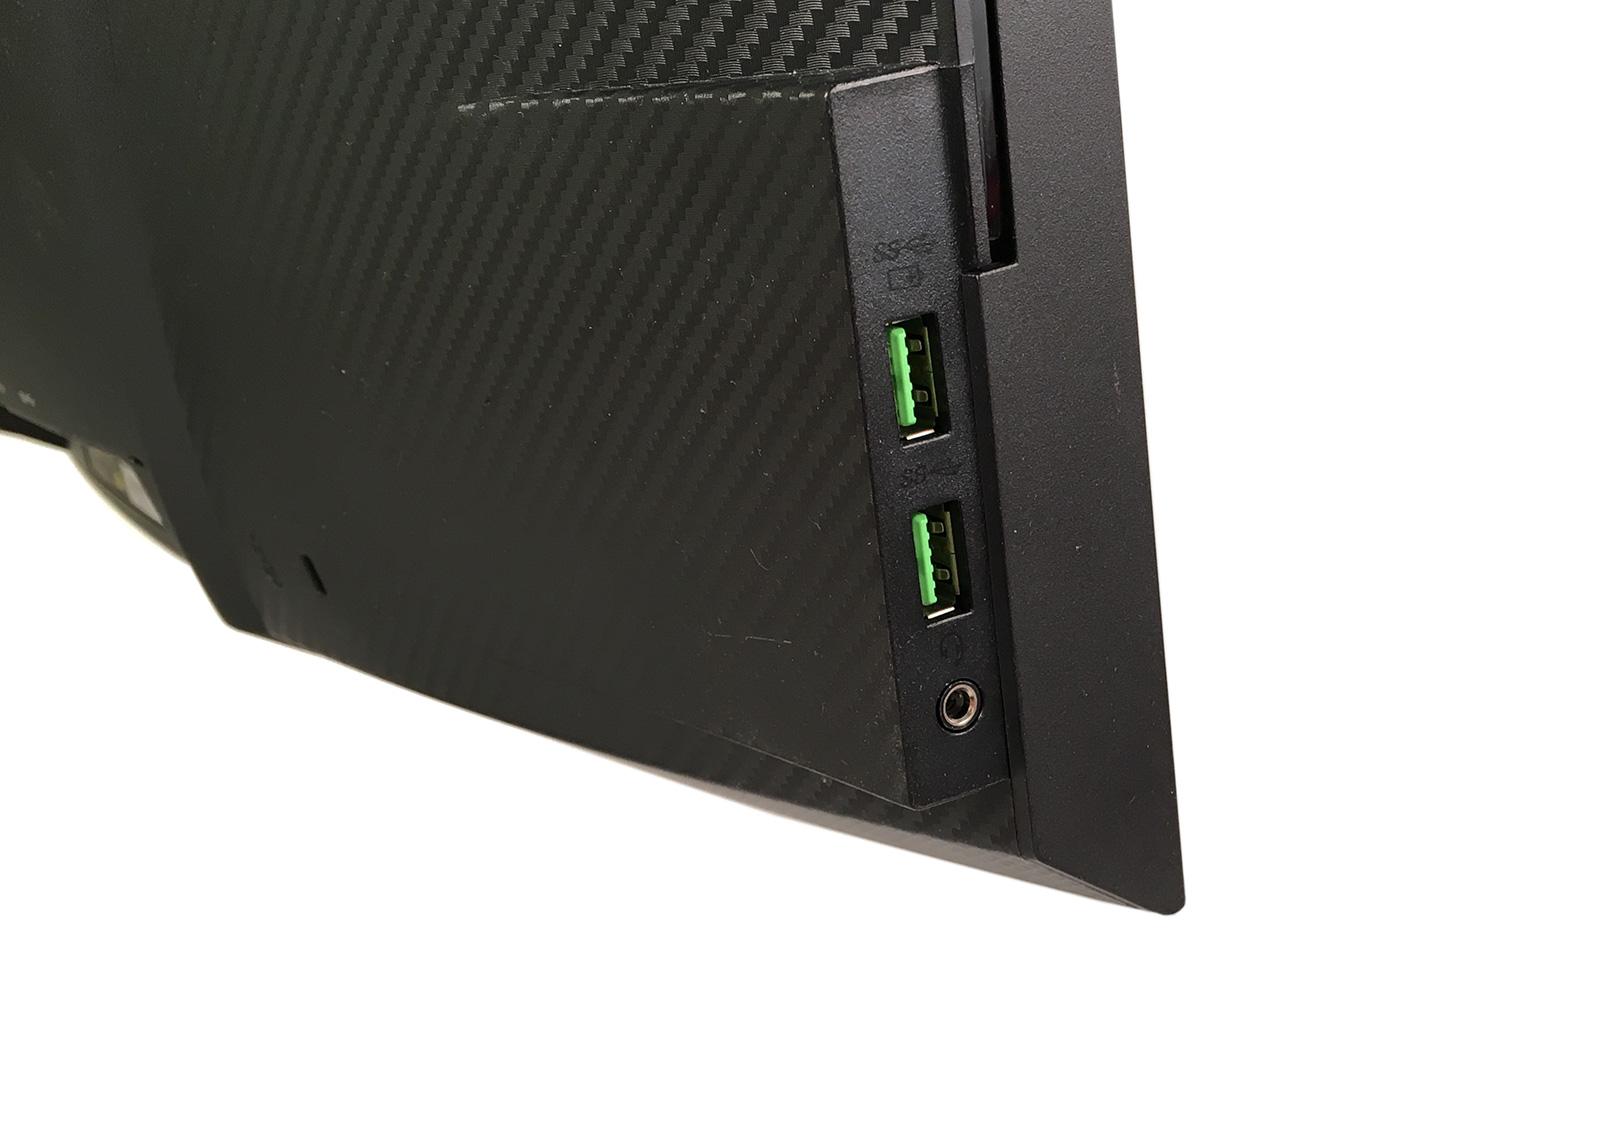 Обзор изогнутого игрового монитора Lenovo Y27g Razer Edition - 7